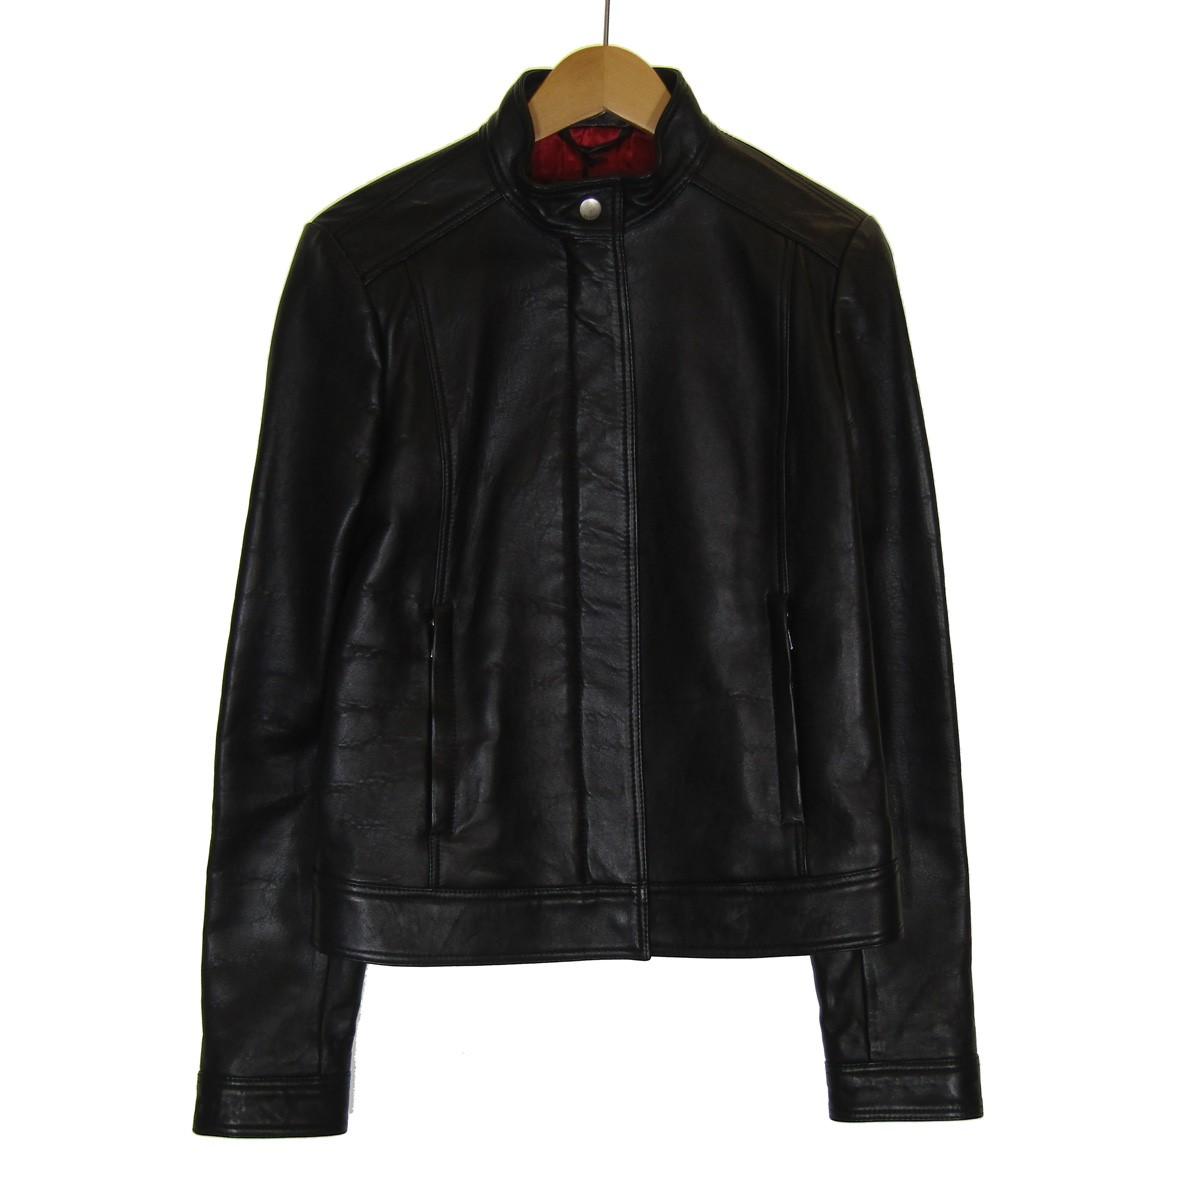 【中古】GUCCI シングルライダースジャケット ブラック サイズ:38 【170420】(グッチ)